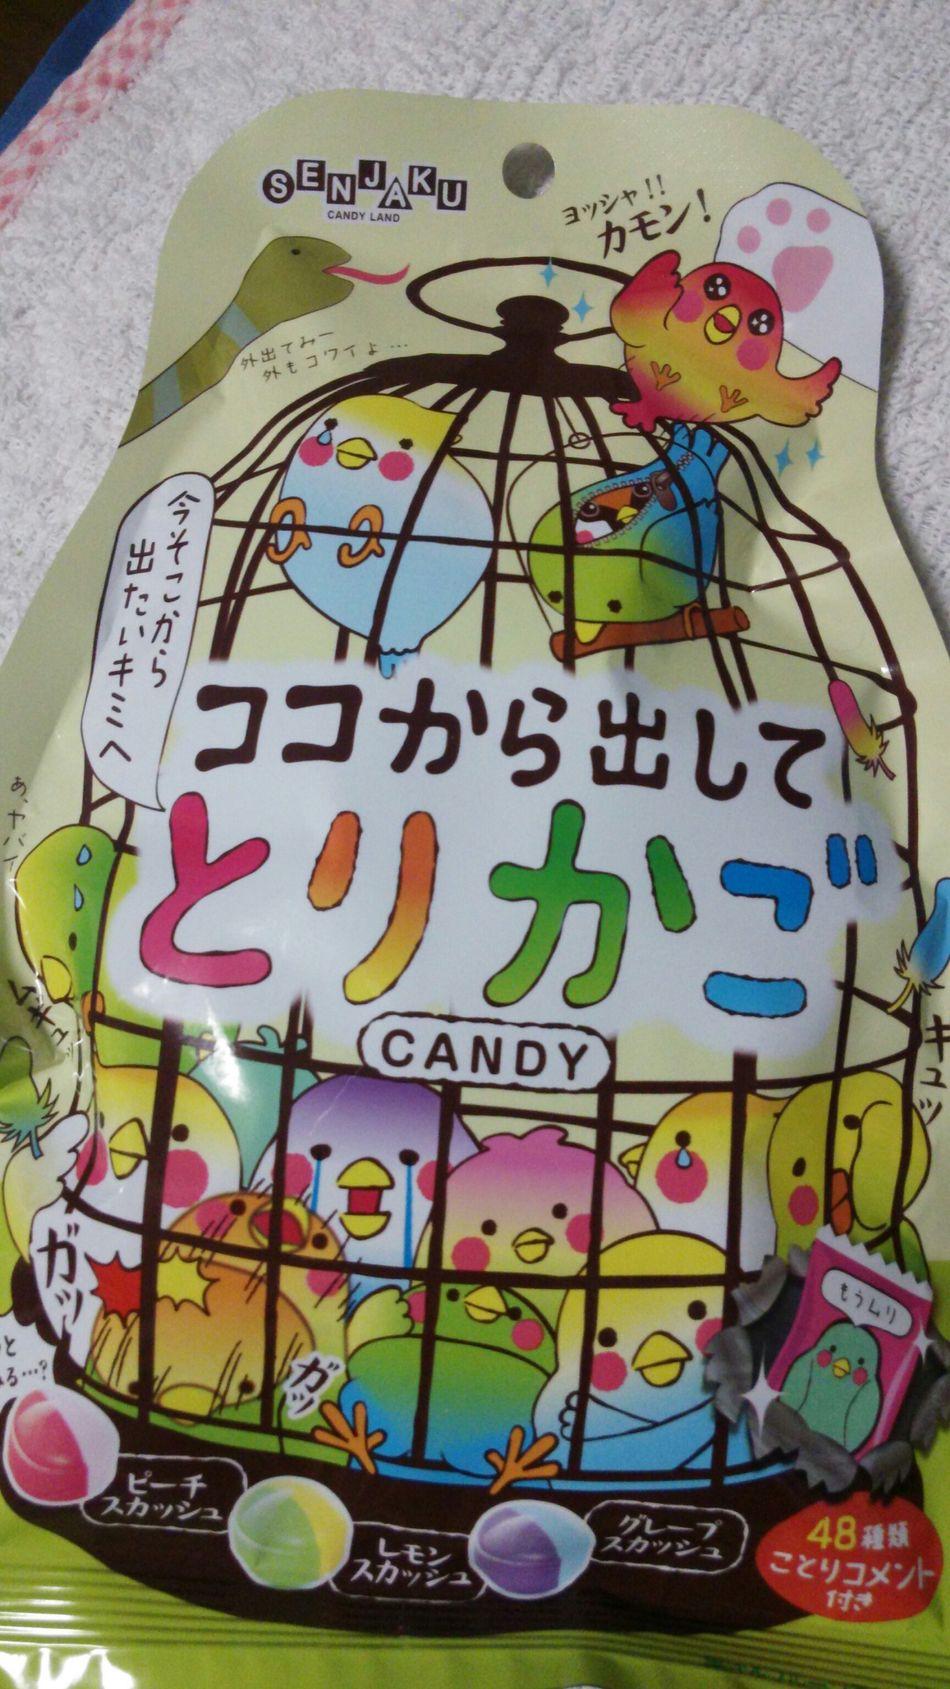 Candy Seven-Eleven超シュール(゜ロ゜)最近こんな飴ばっかり買ってる。